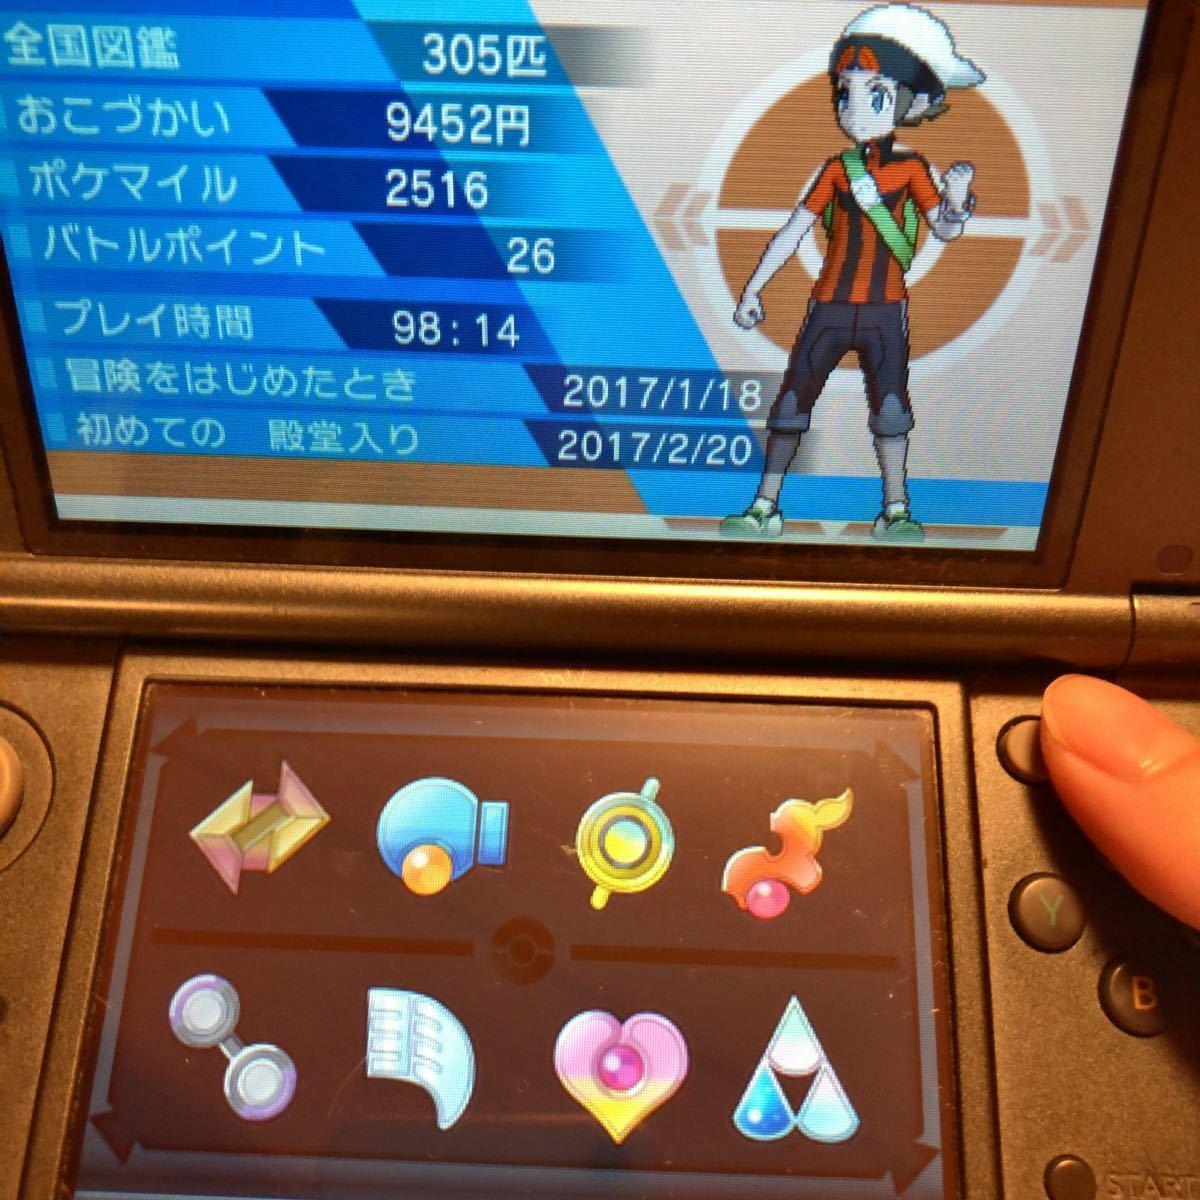 ポケットモンスター ウルトラムーン オメガルビー 3DS